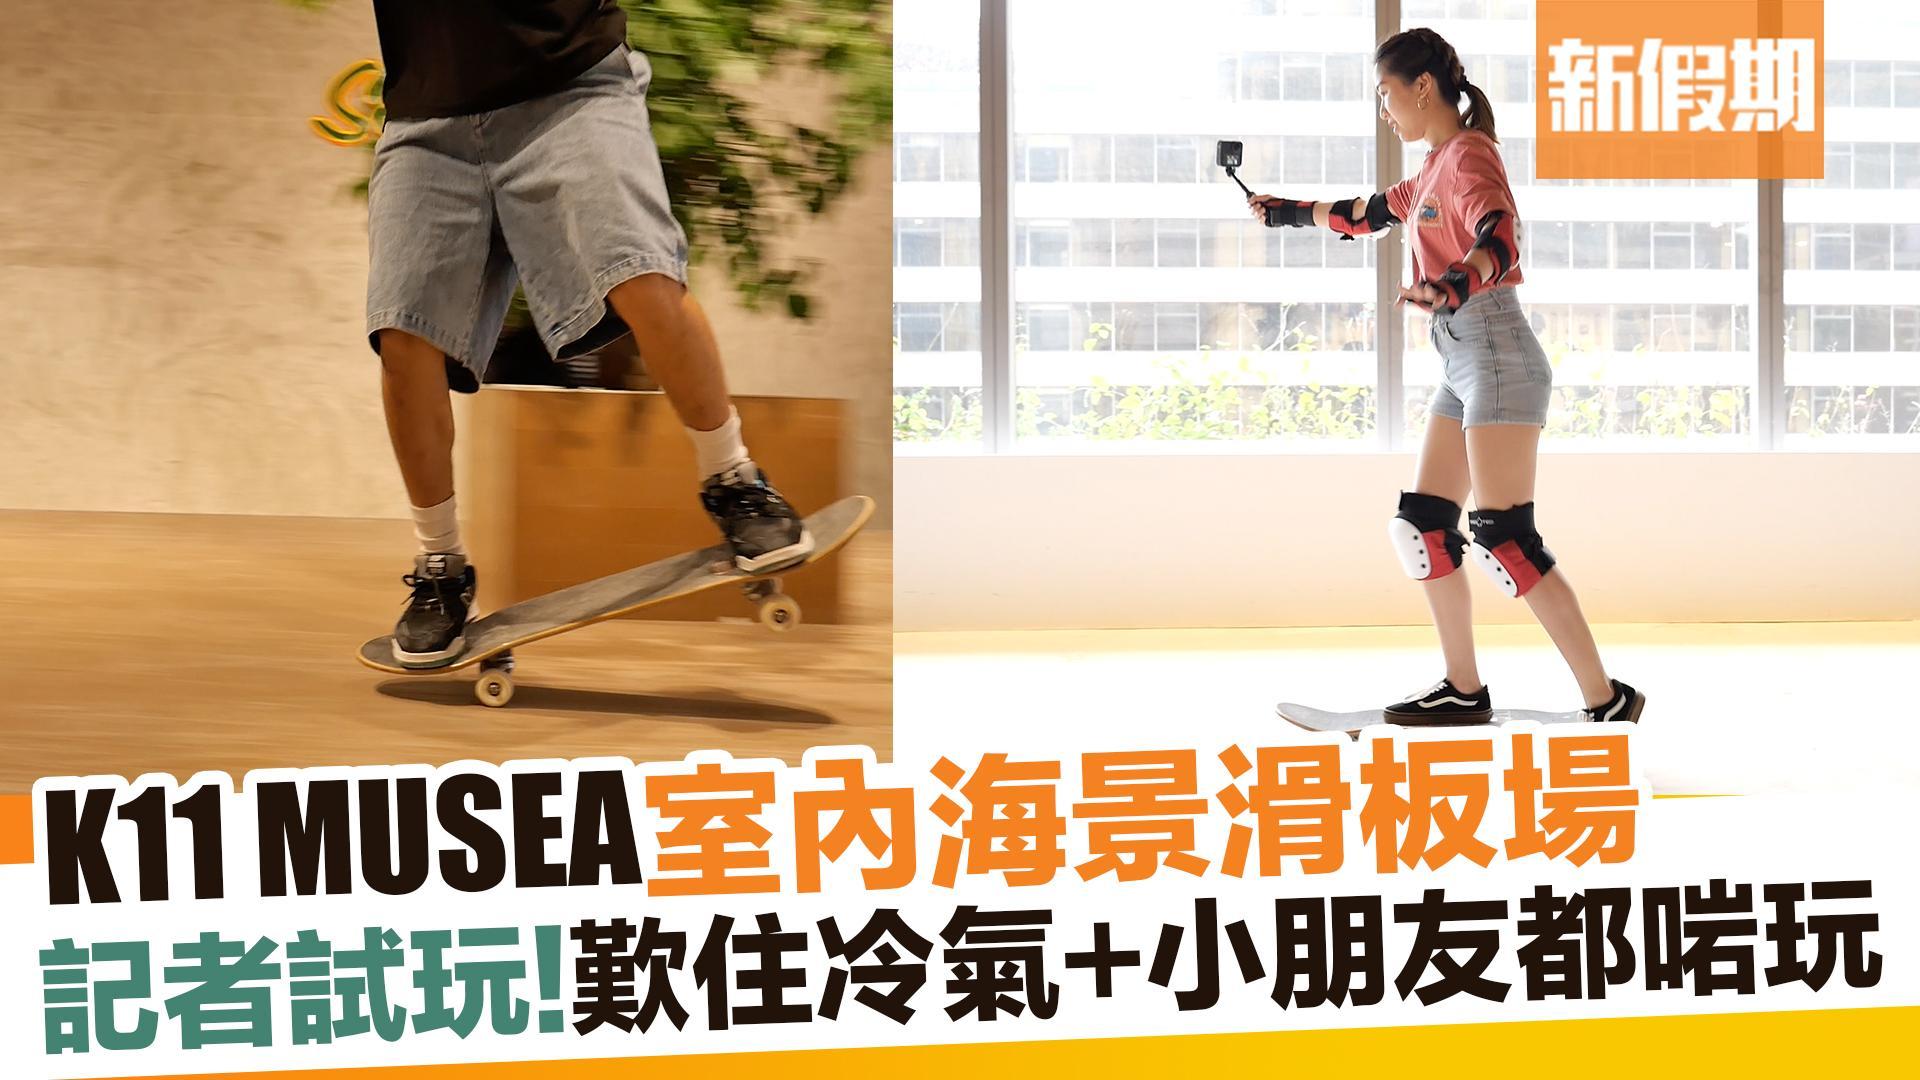 【香港好去處】尖沙咀K11 MUSEA室內海景滑板場 記者試玩! 新假期APP限定